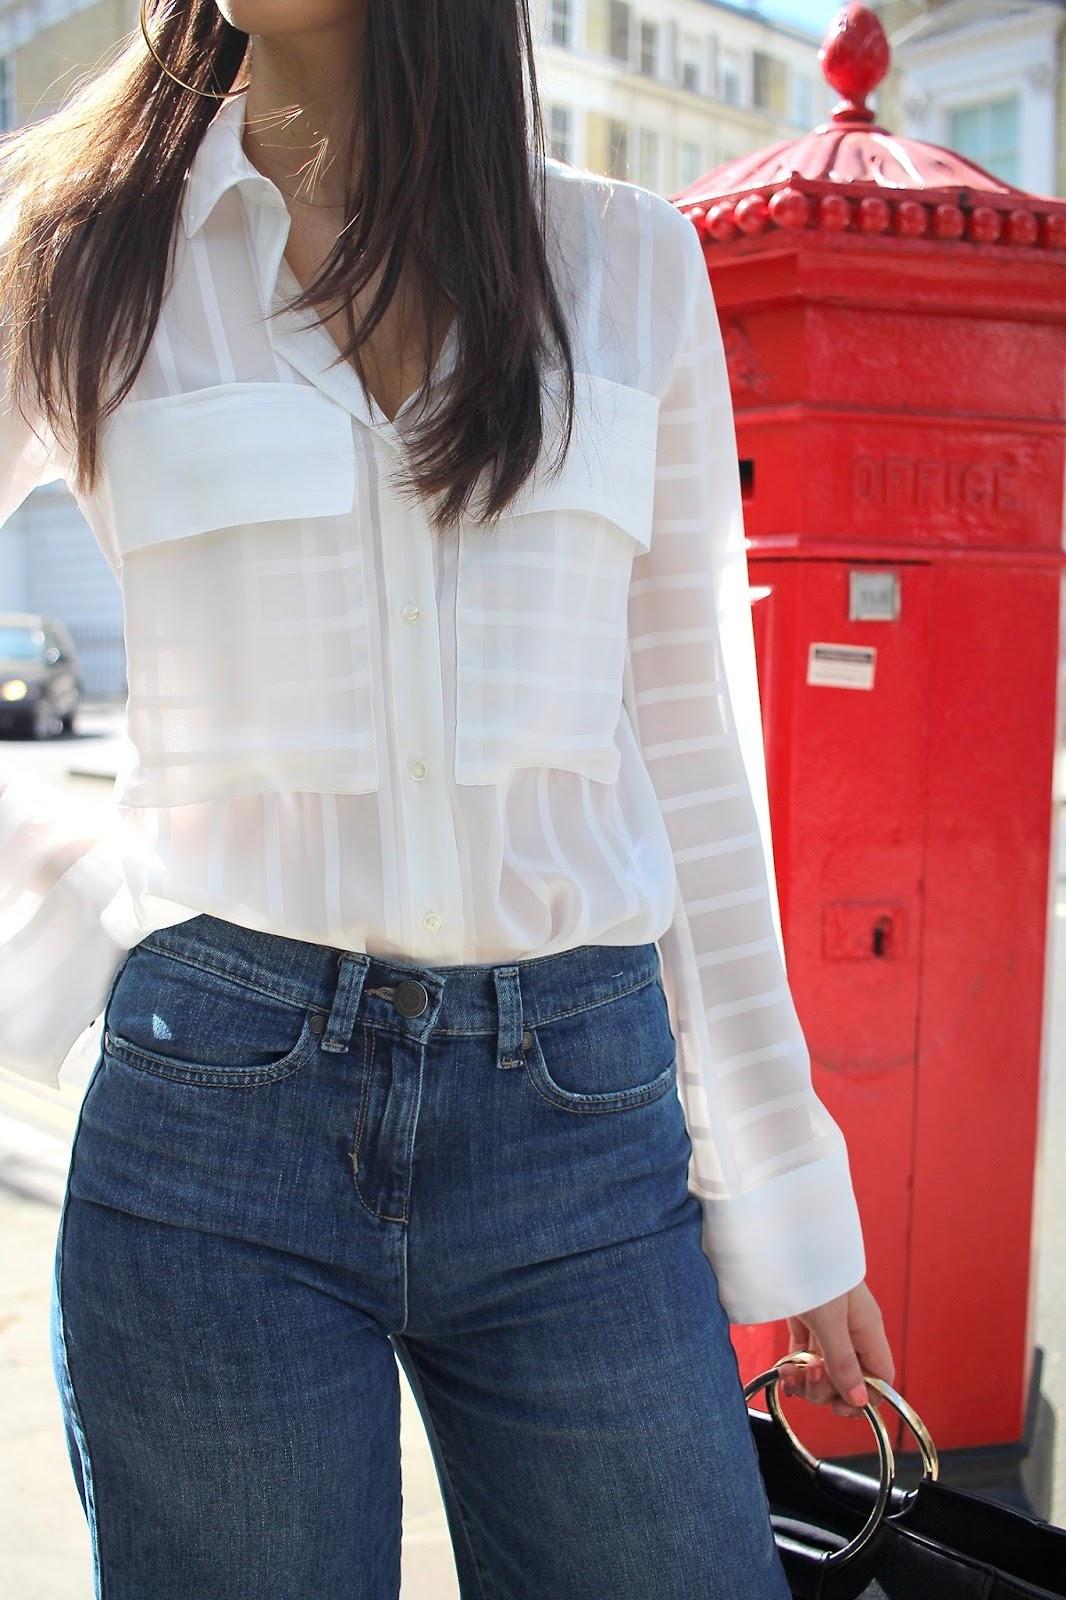 spring style peexo white shirt